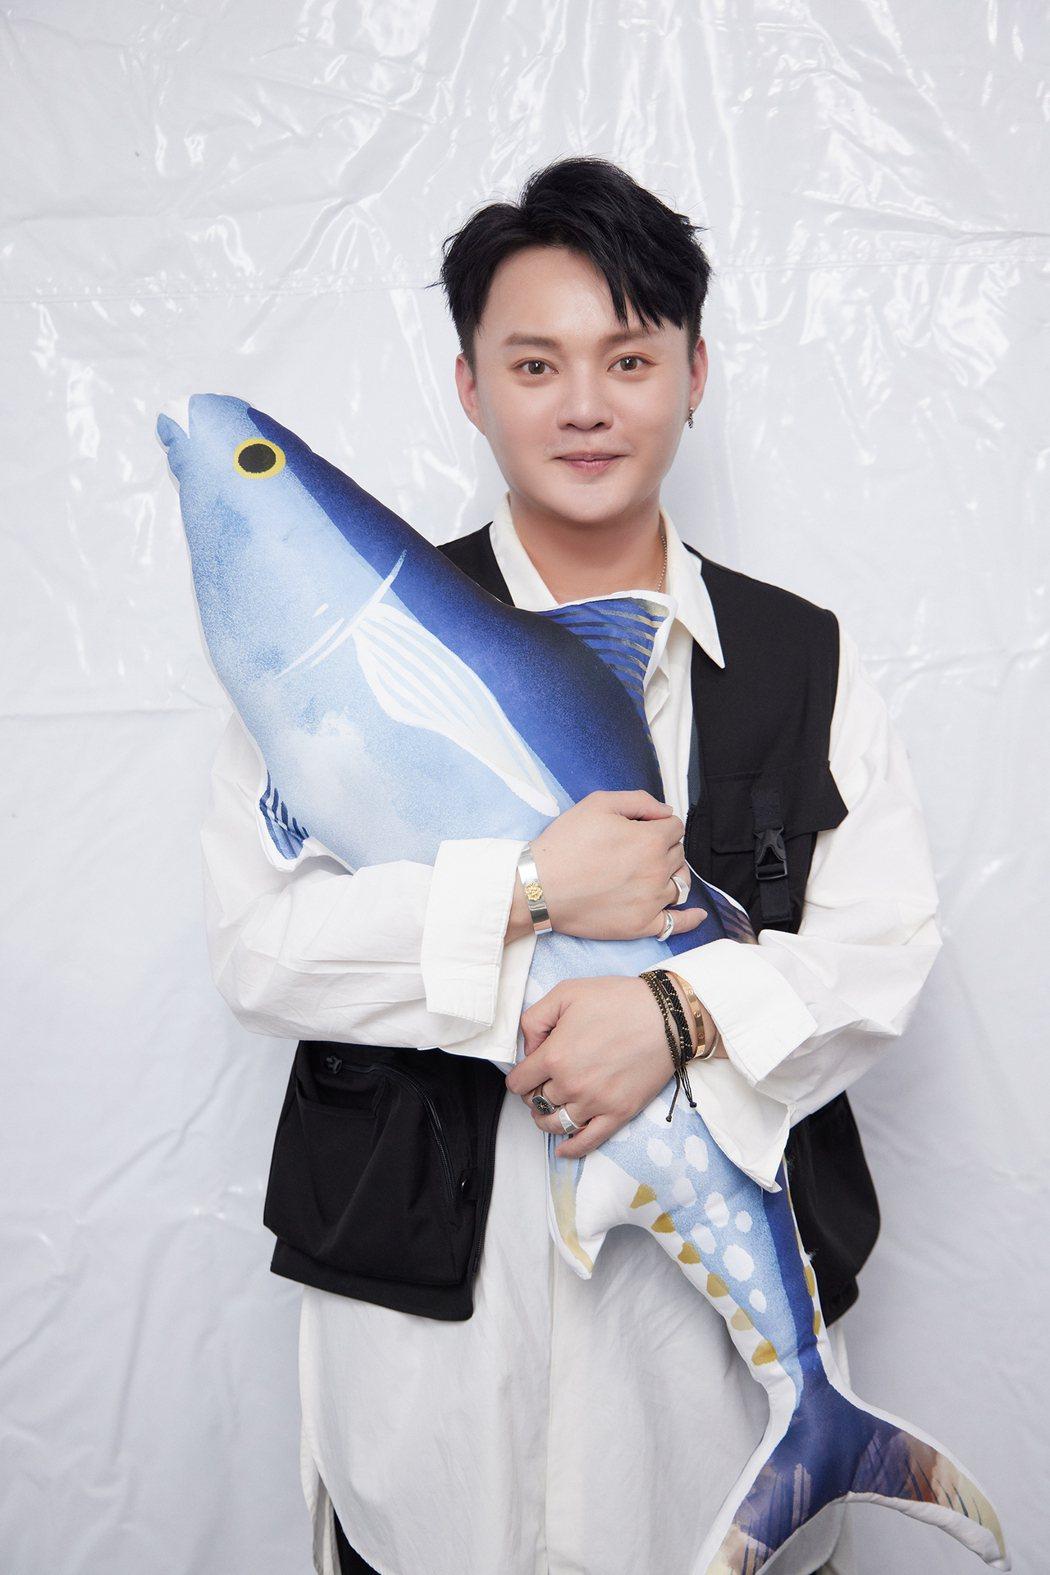 許富凱將在5月29日攻上台北小巨蛋舉辦「拾歌」演唱會。圖/凱聲影藝提供